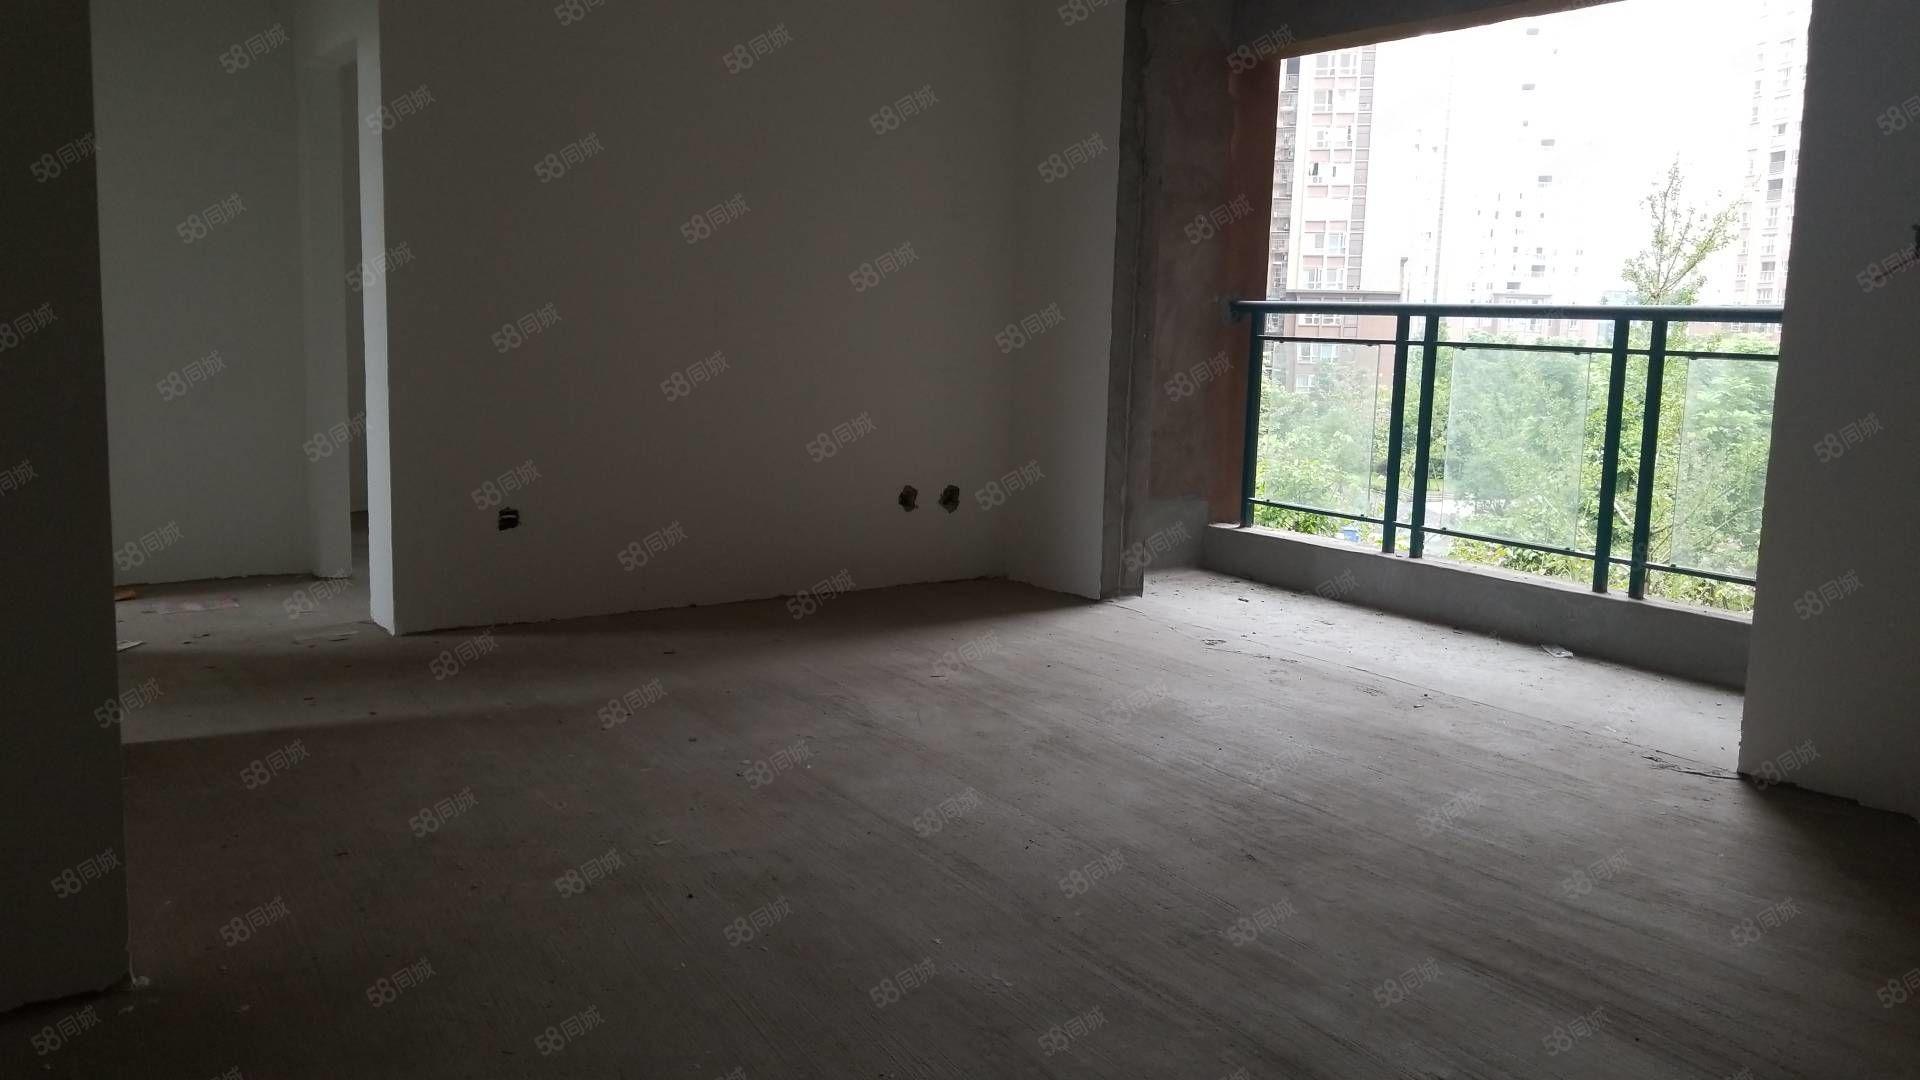 枣山片区广高新城现房清水三室,可续按揭21万,